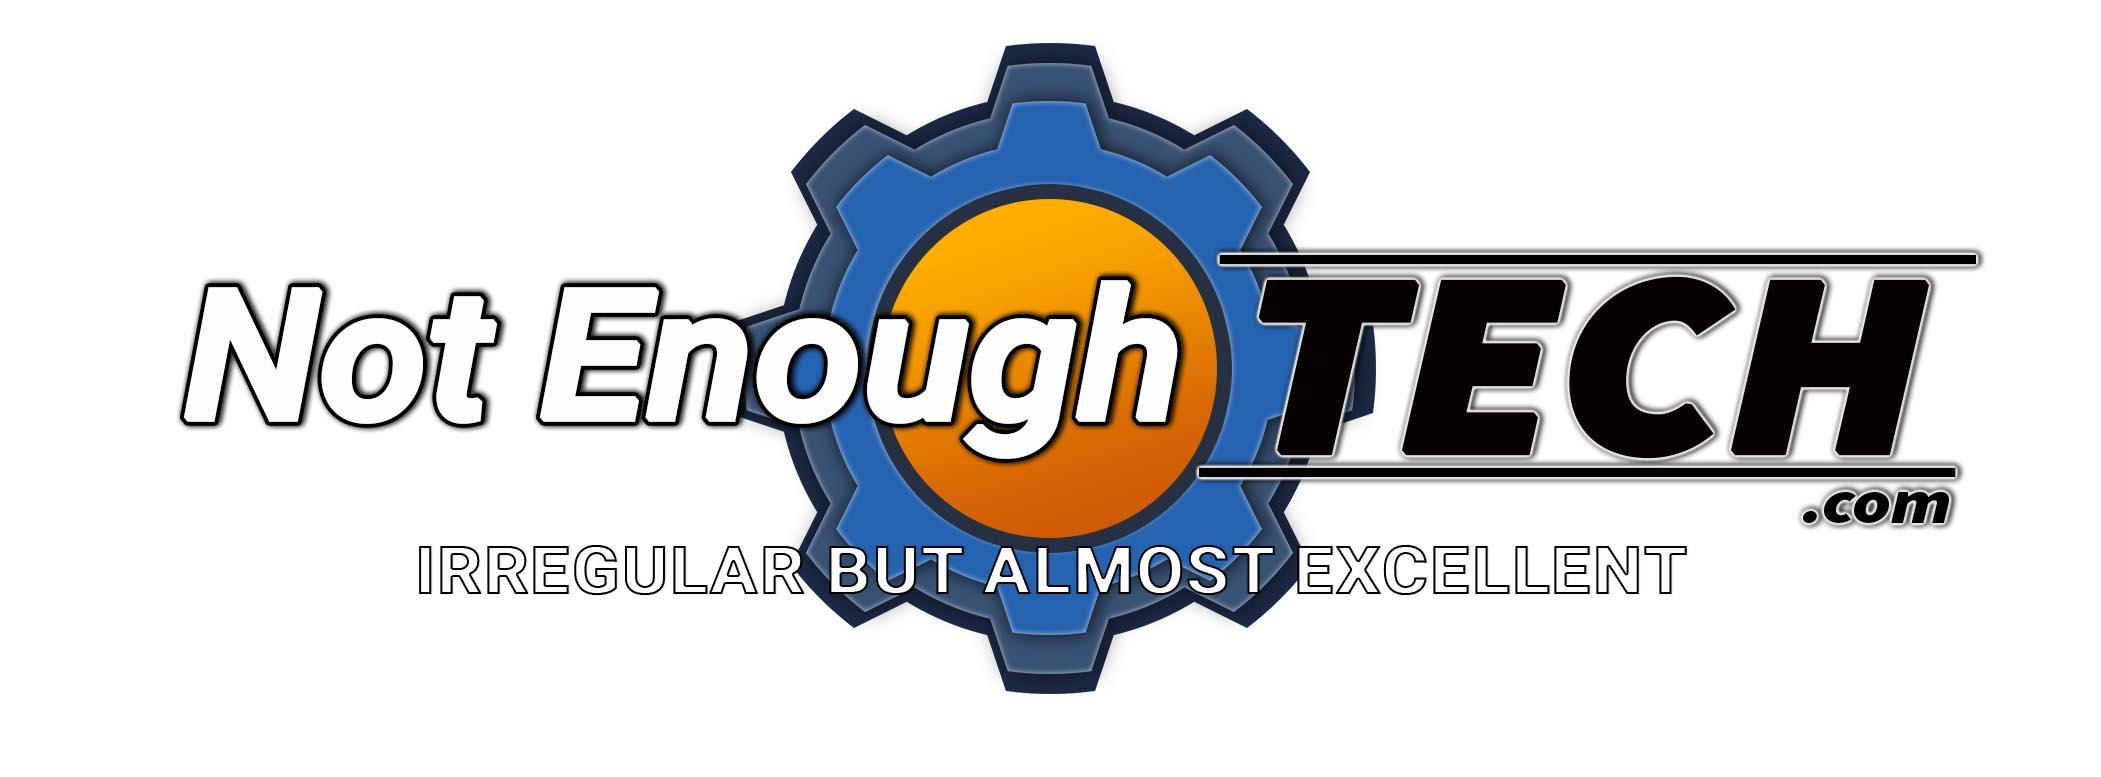 Tasker - Not Enough TECH